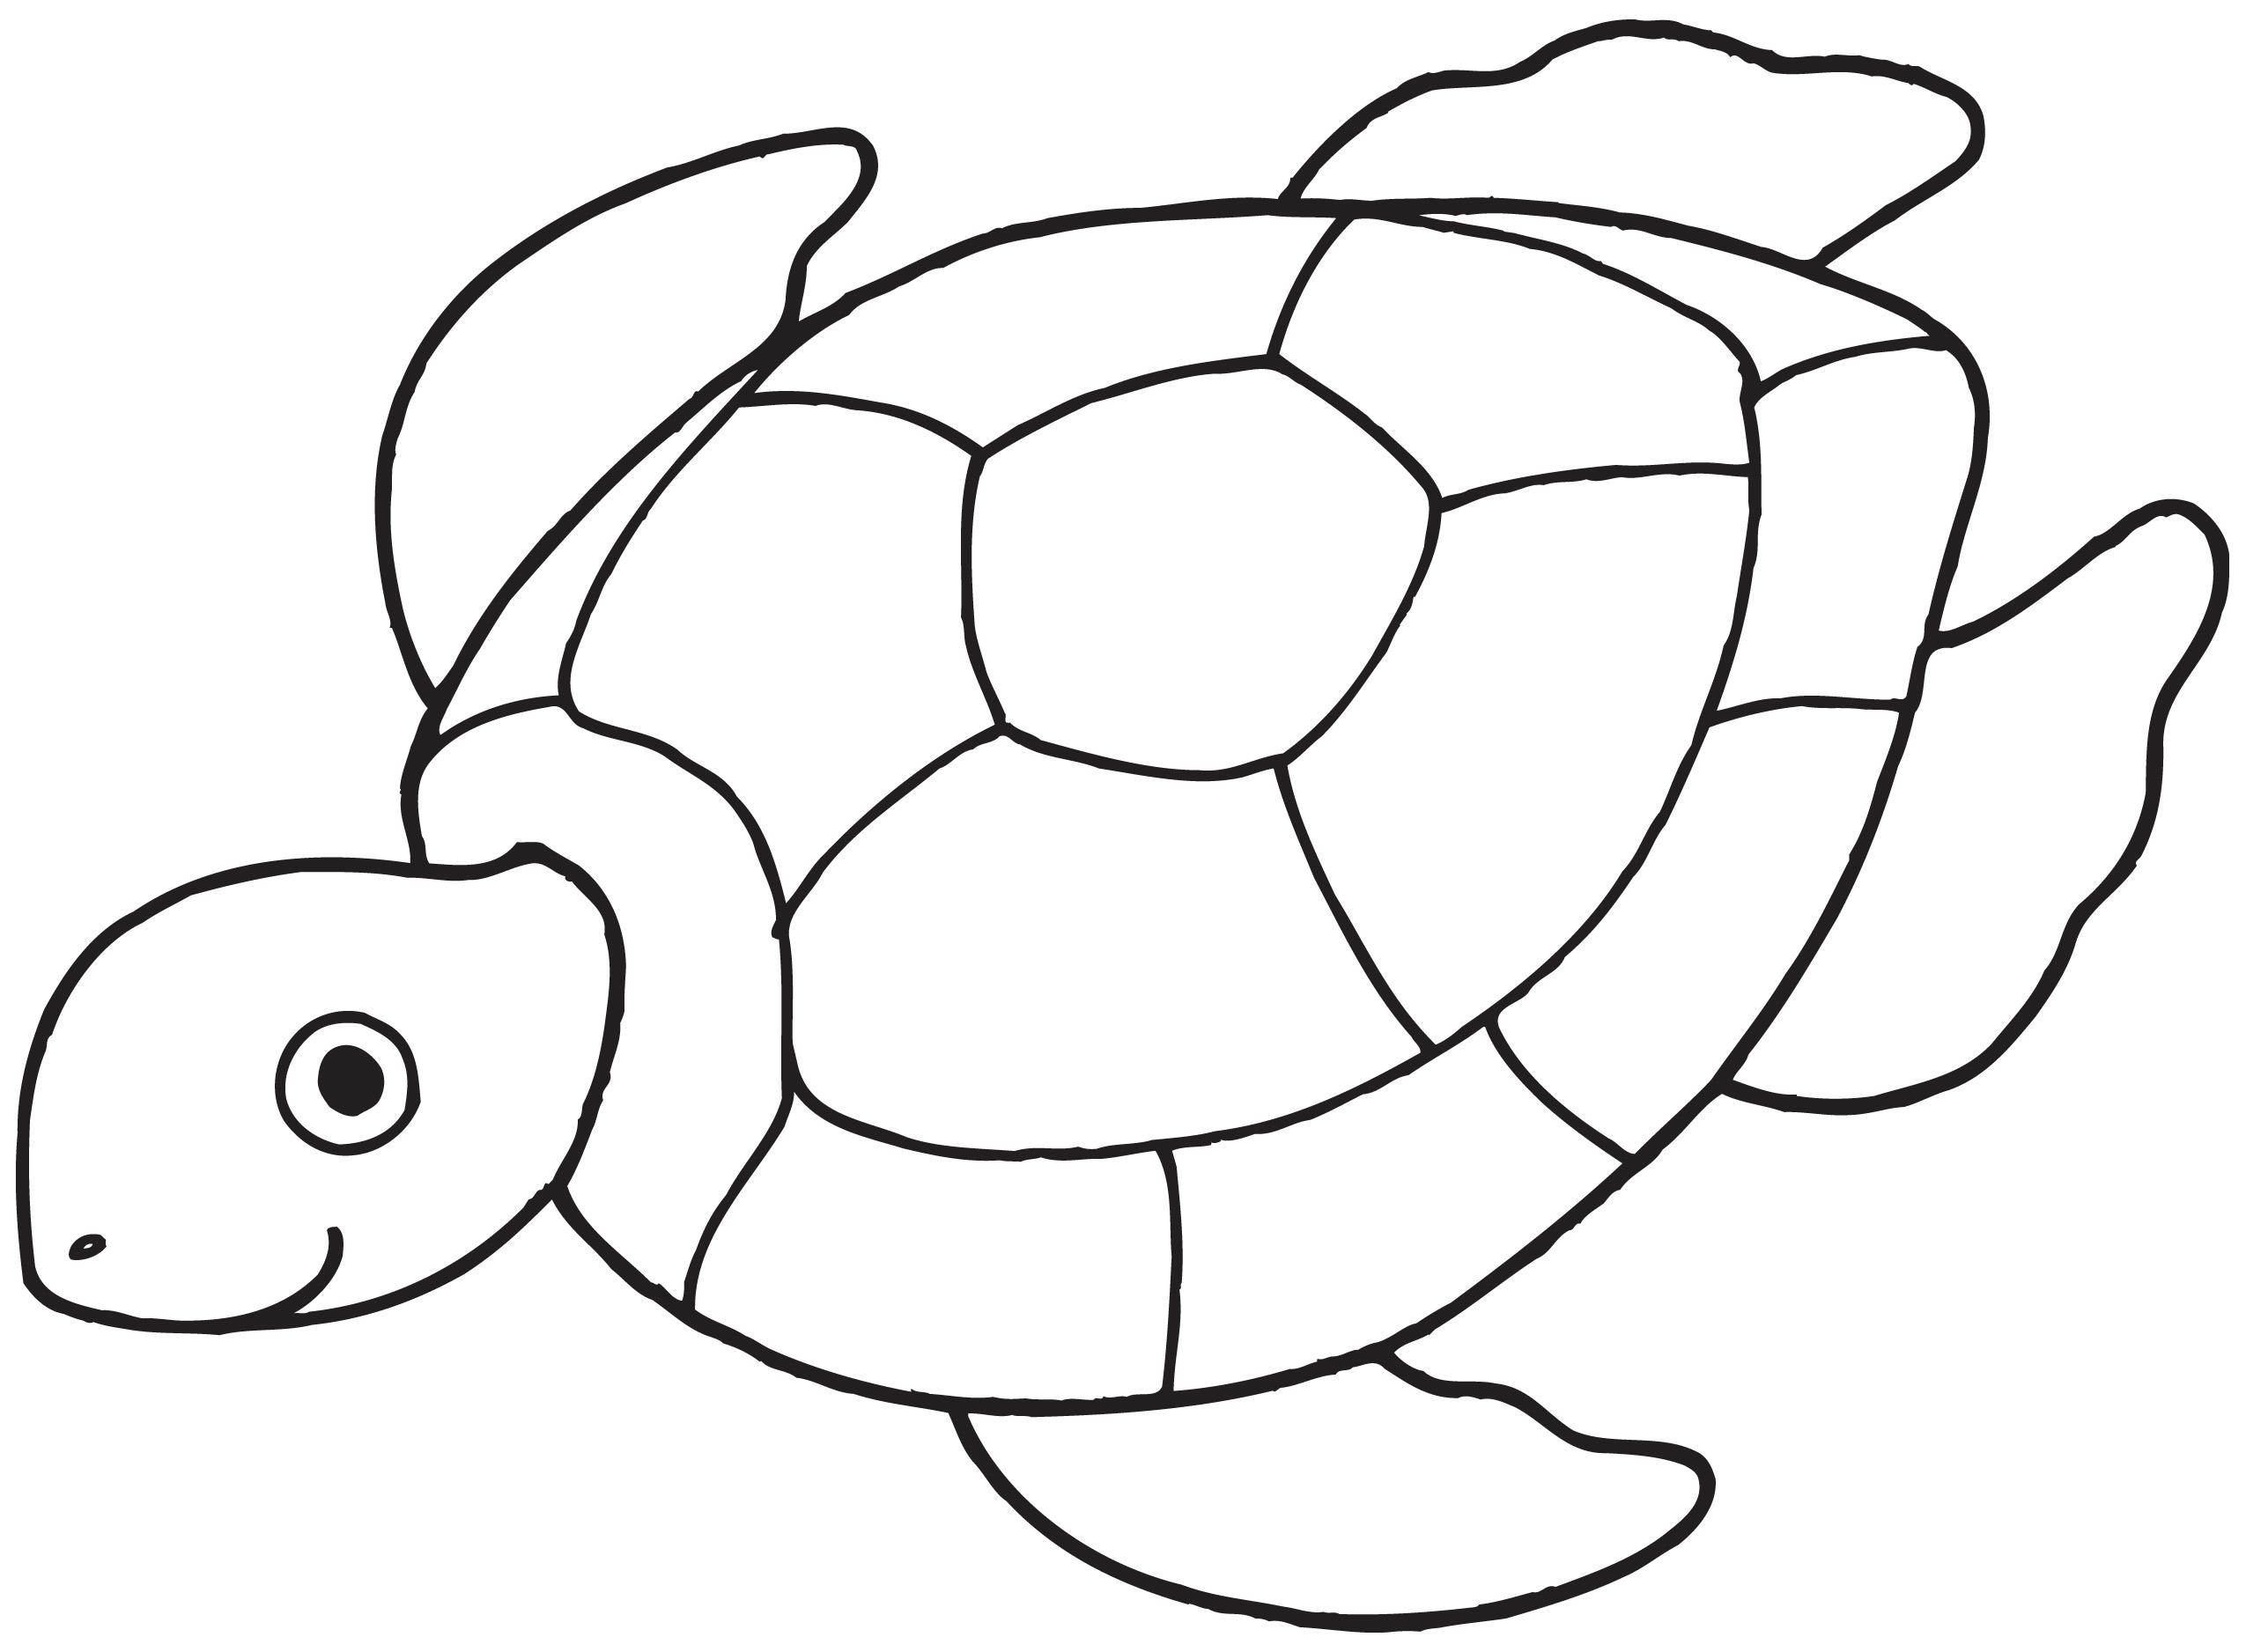 Turtle Outline Clip Art